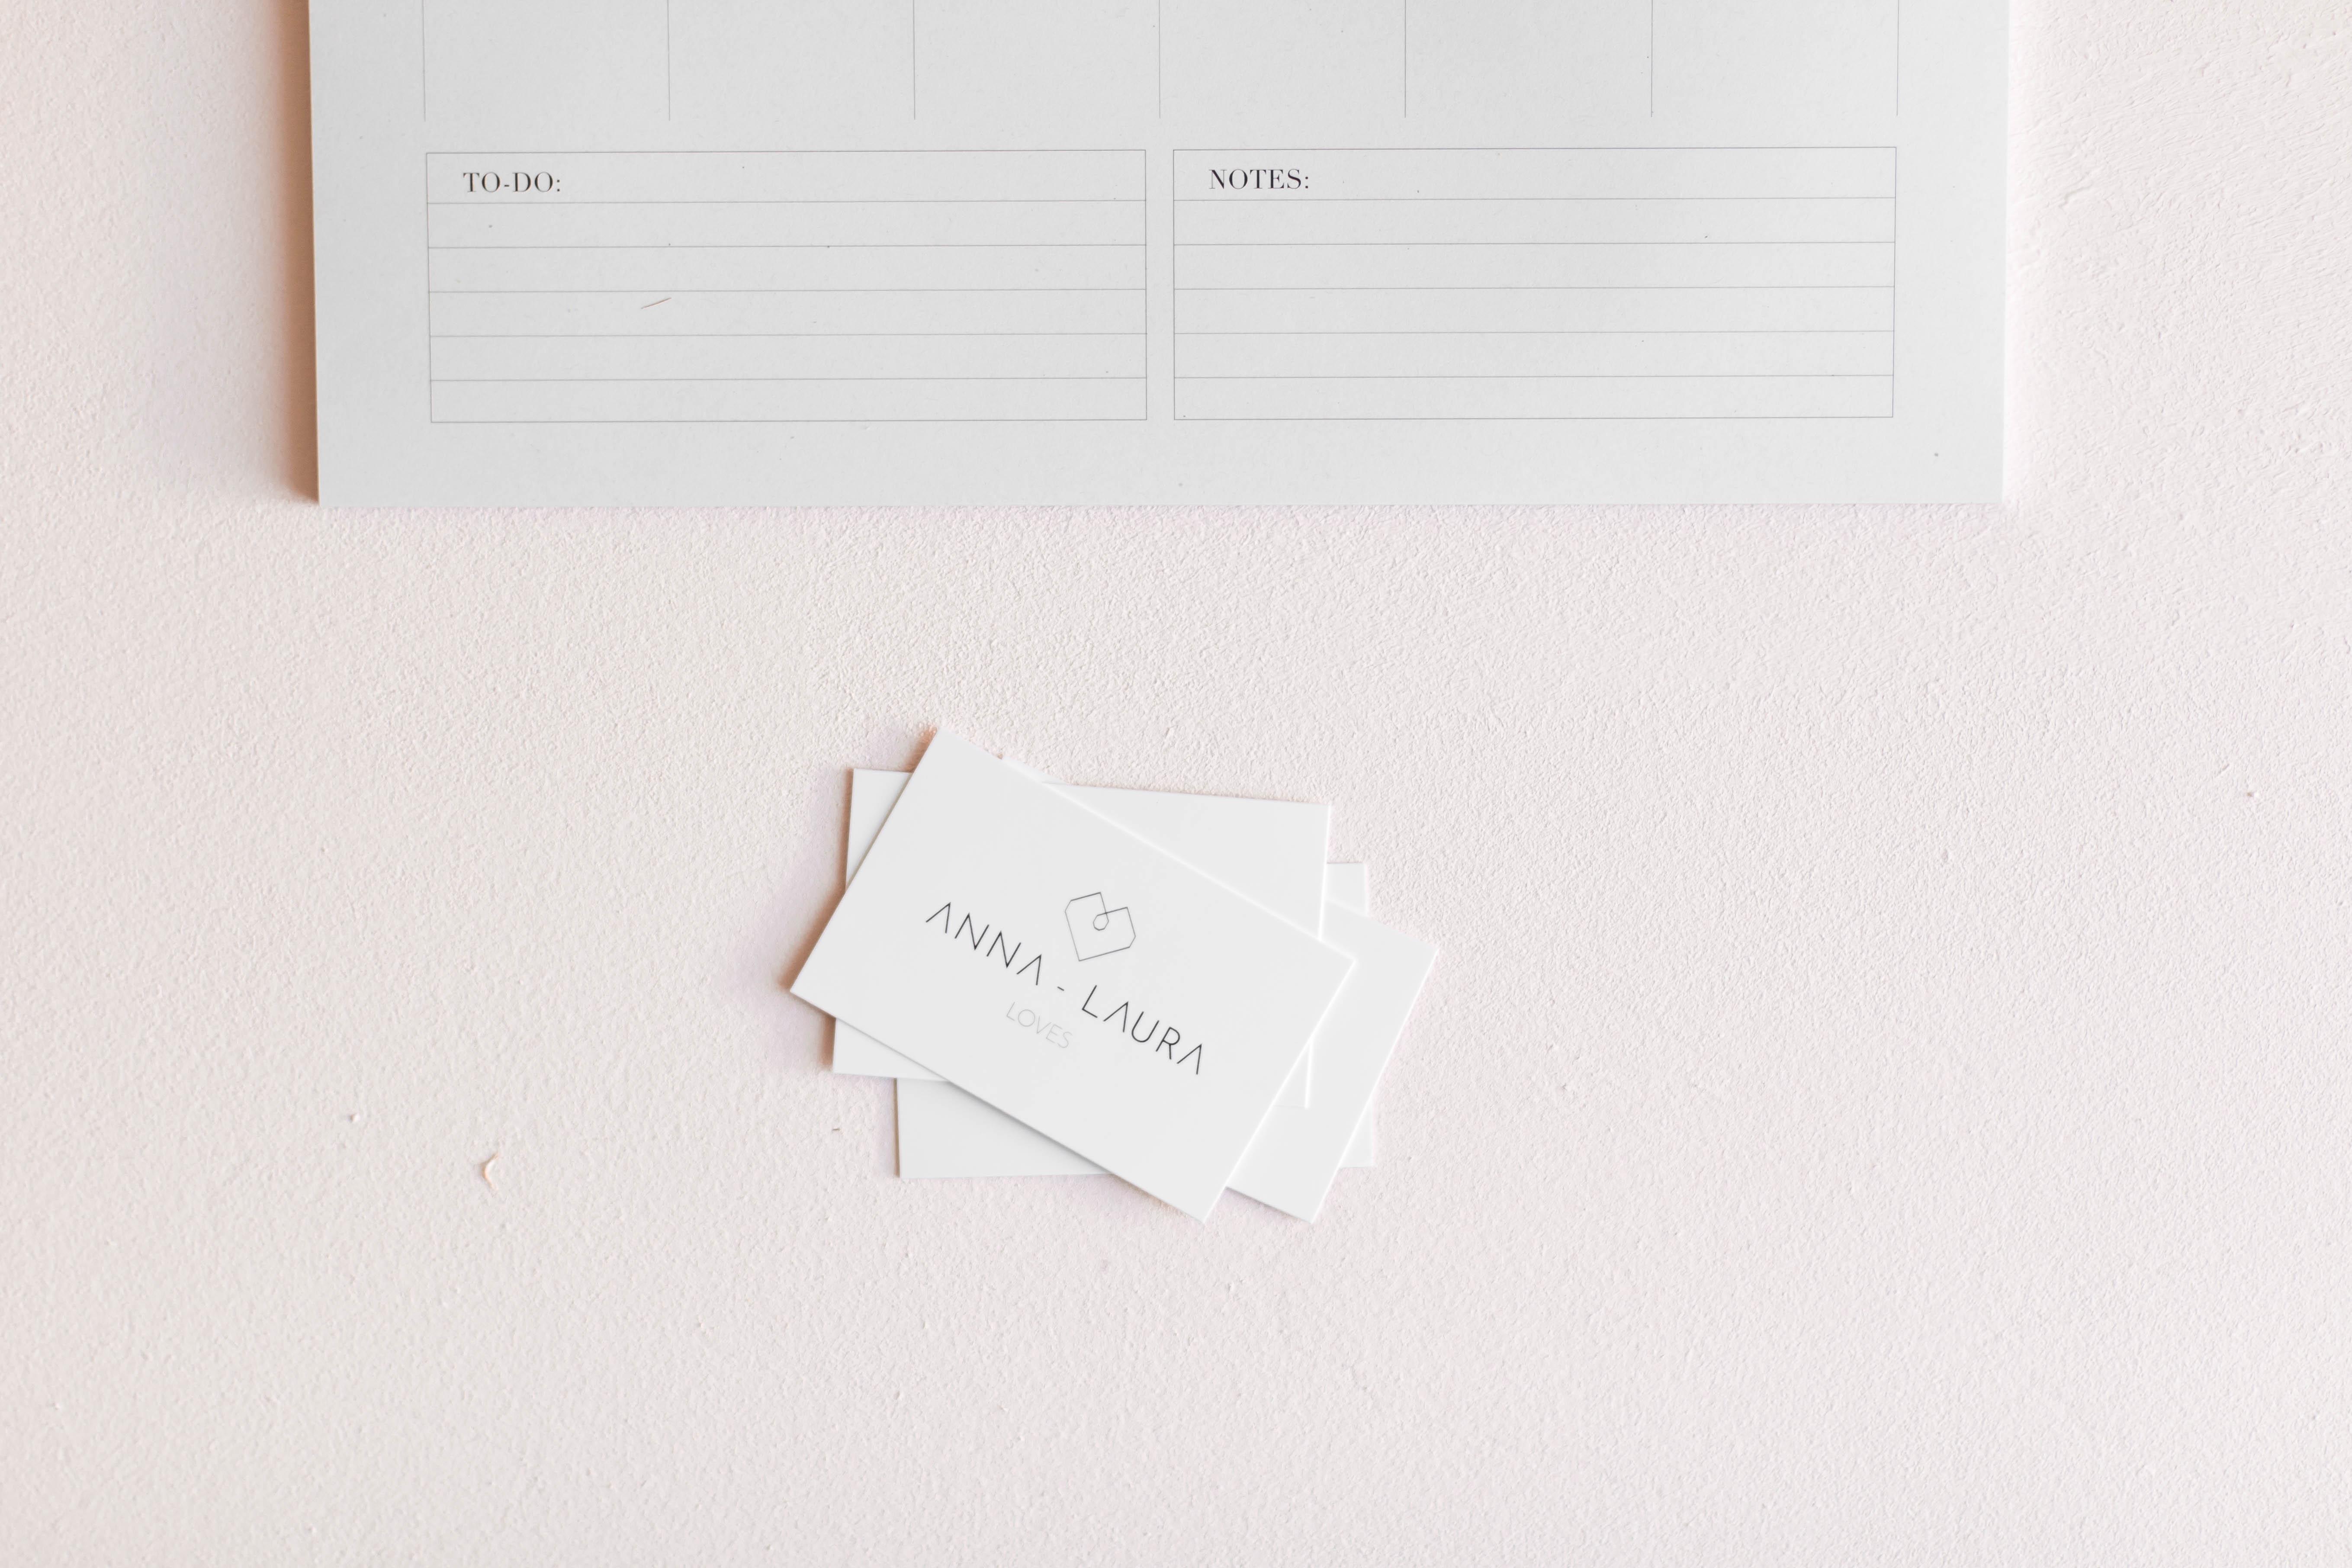 week-planner-annalaurakummer-2